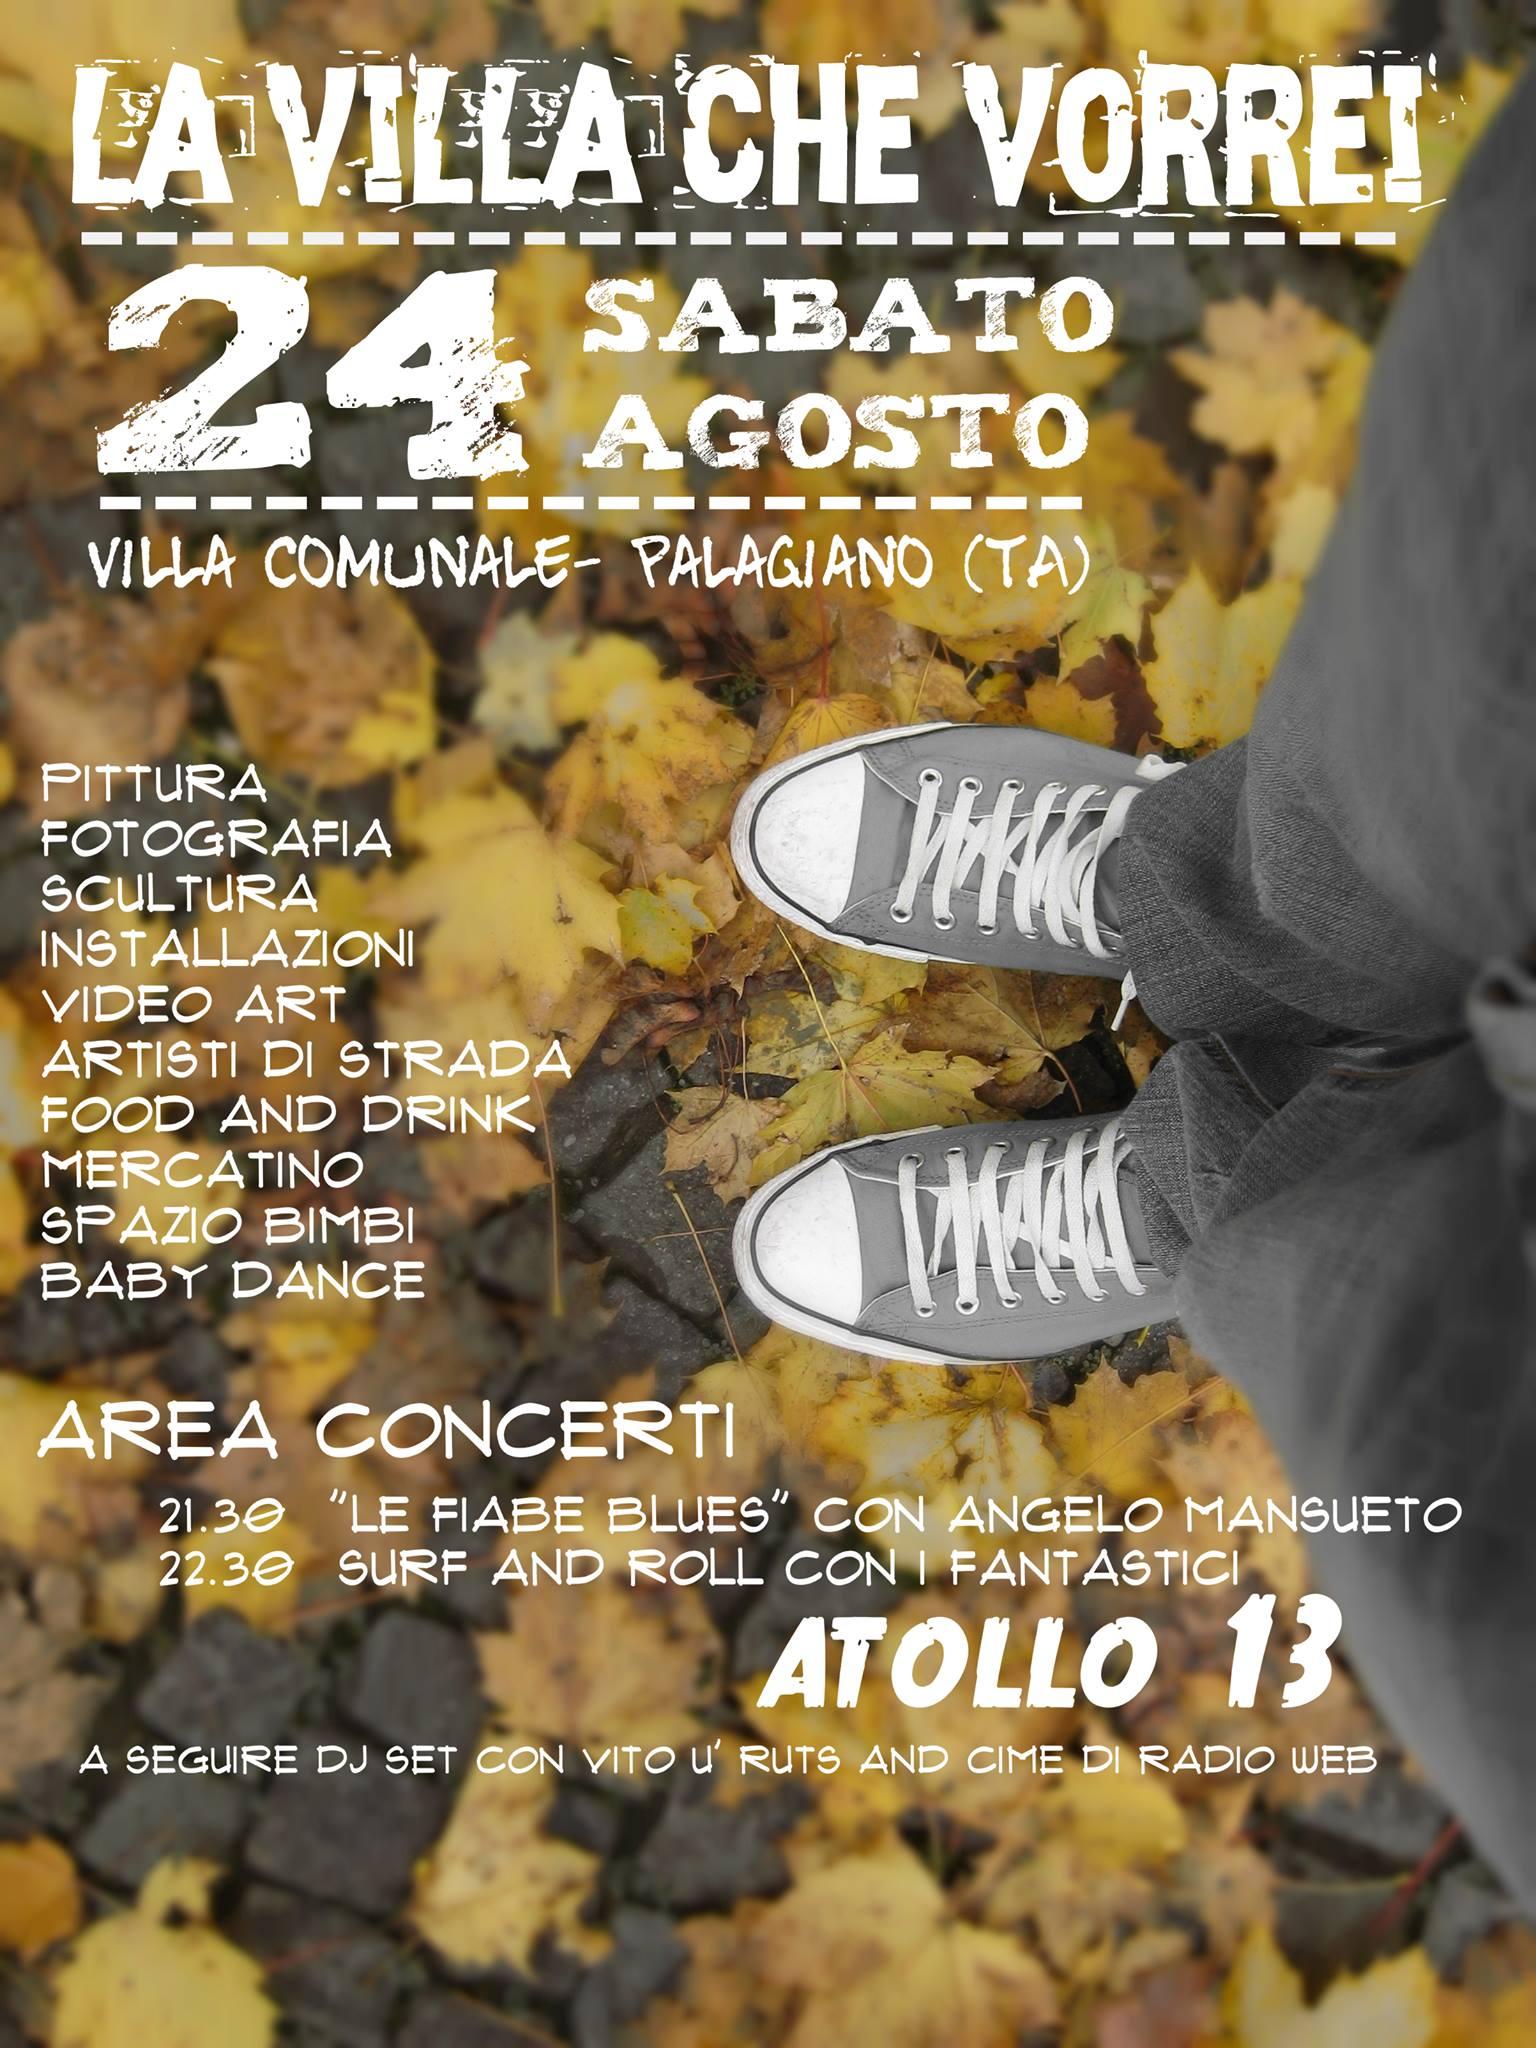 La Villa Che Vorrei Parte II….. To be continued ….